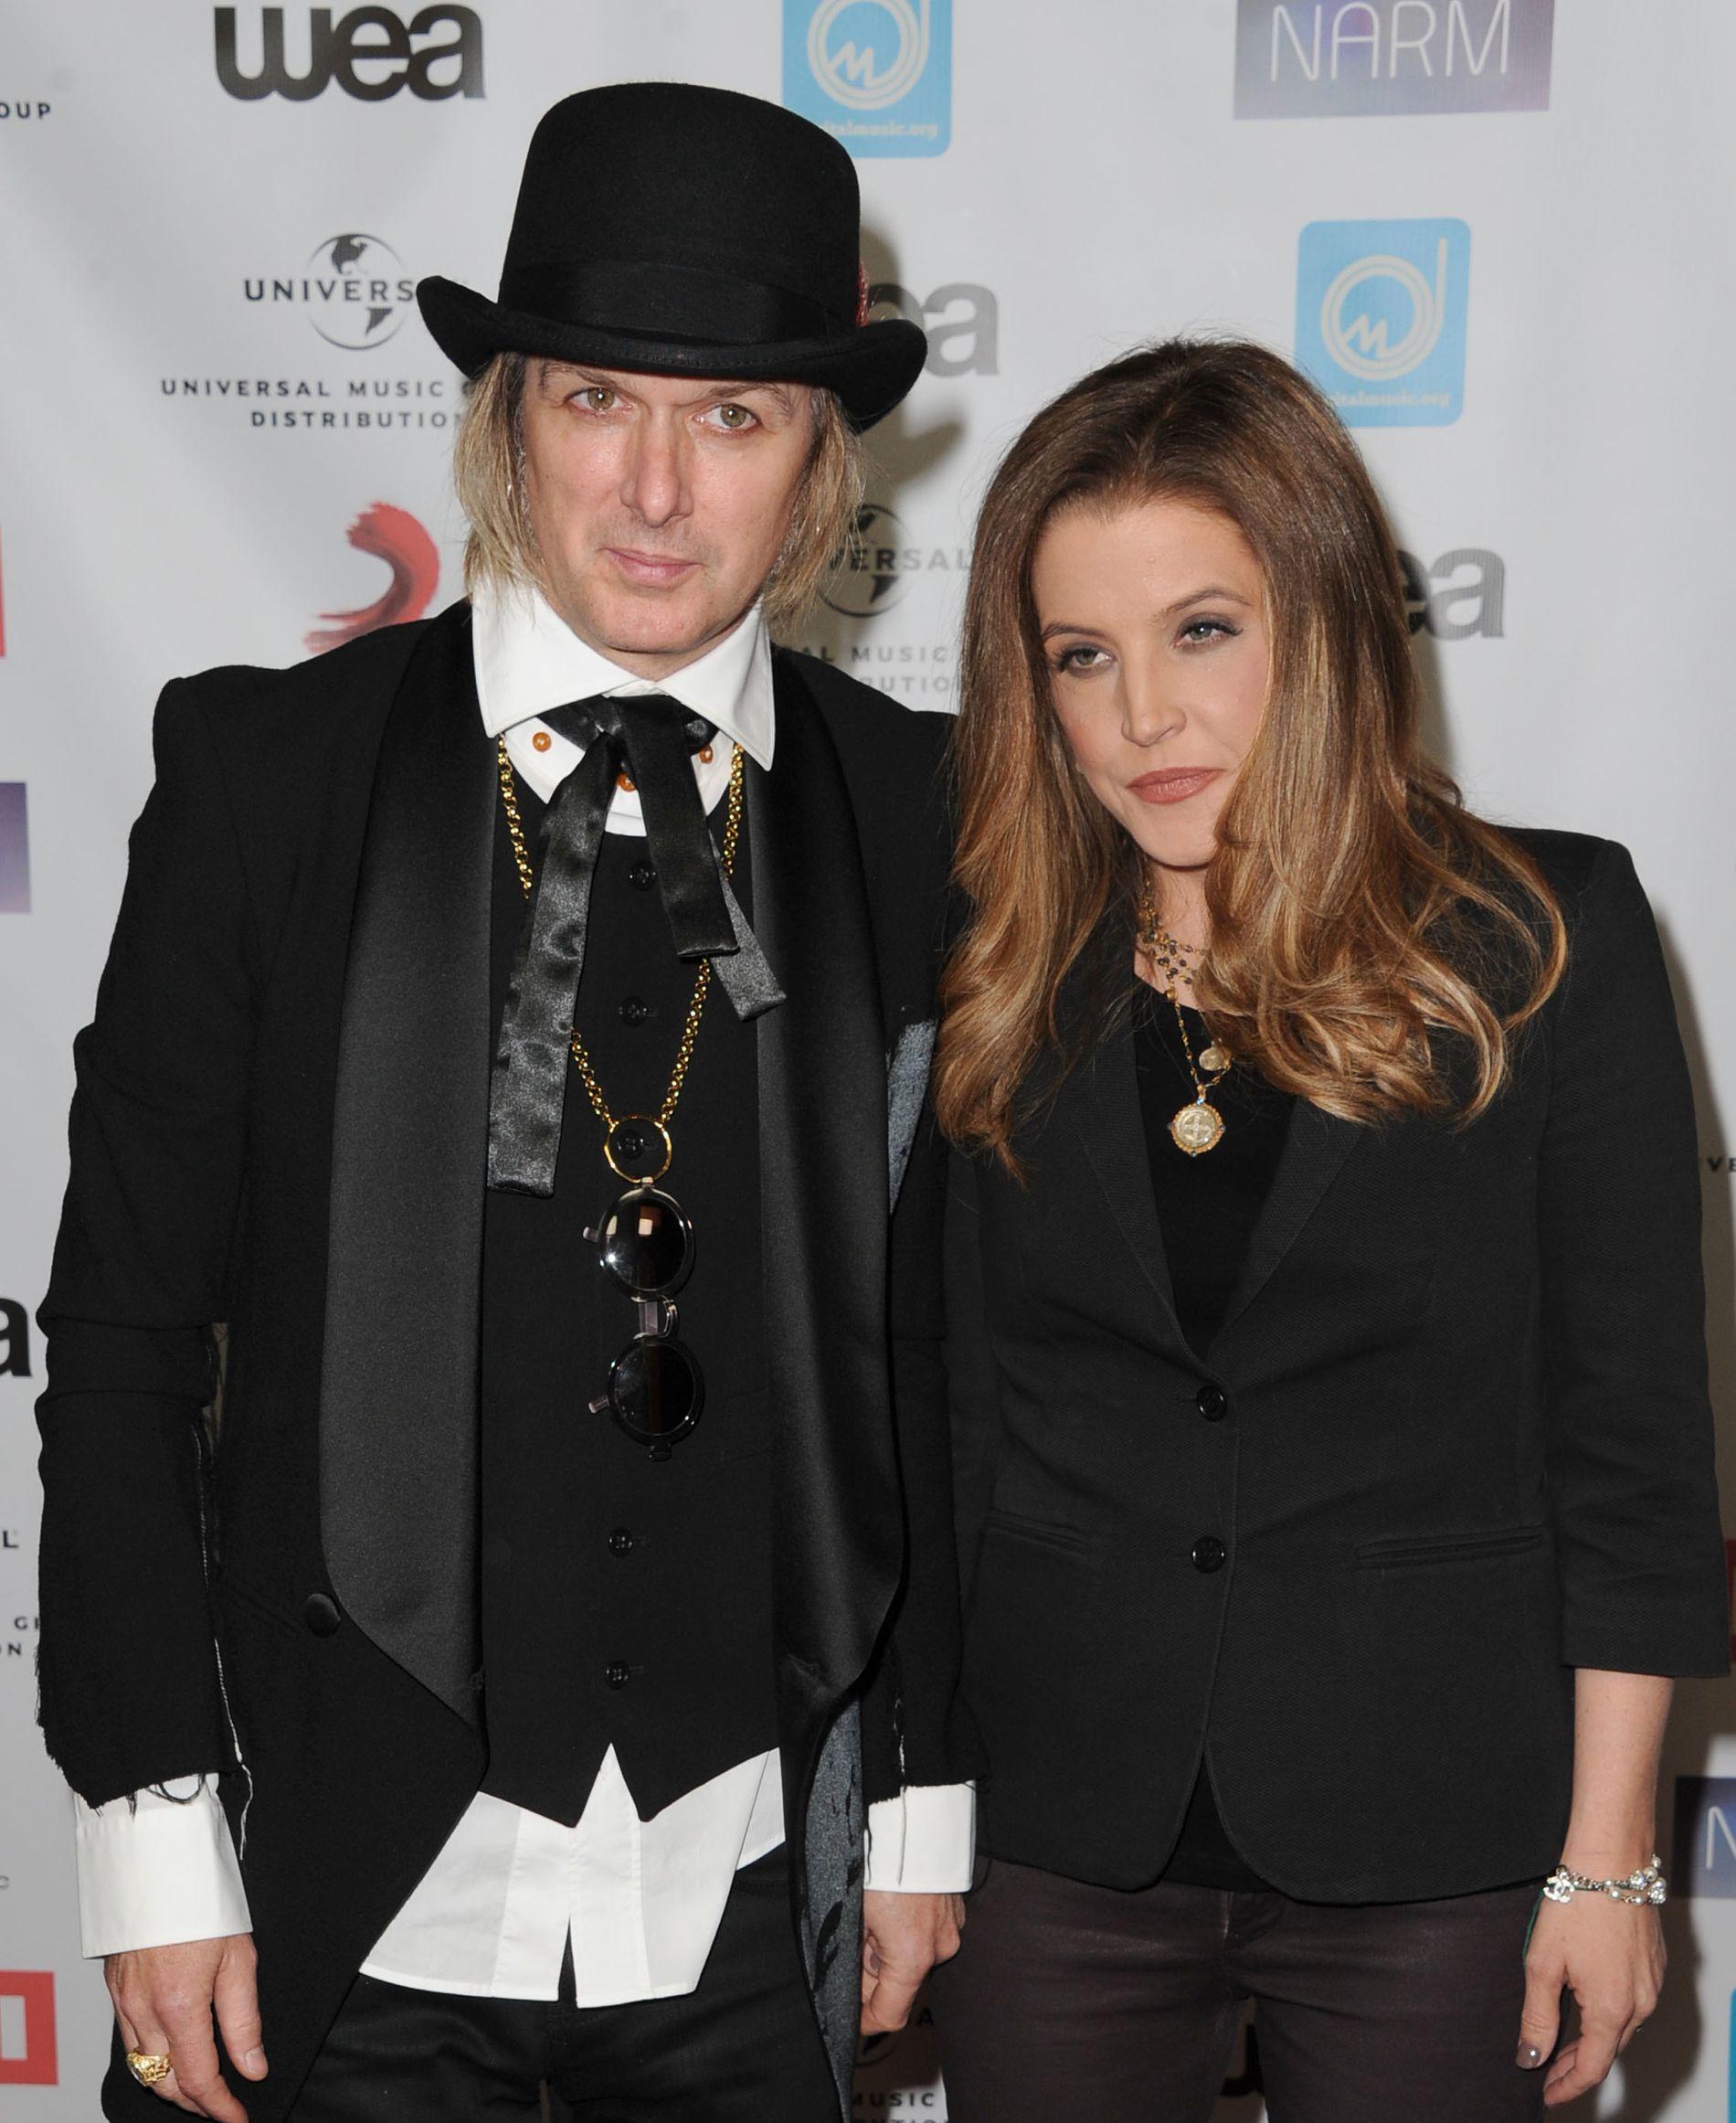 BRUDD: Michael Lockwood og Lisa Marie Presleypå en prisutdeling i 2012.